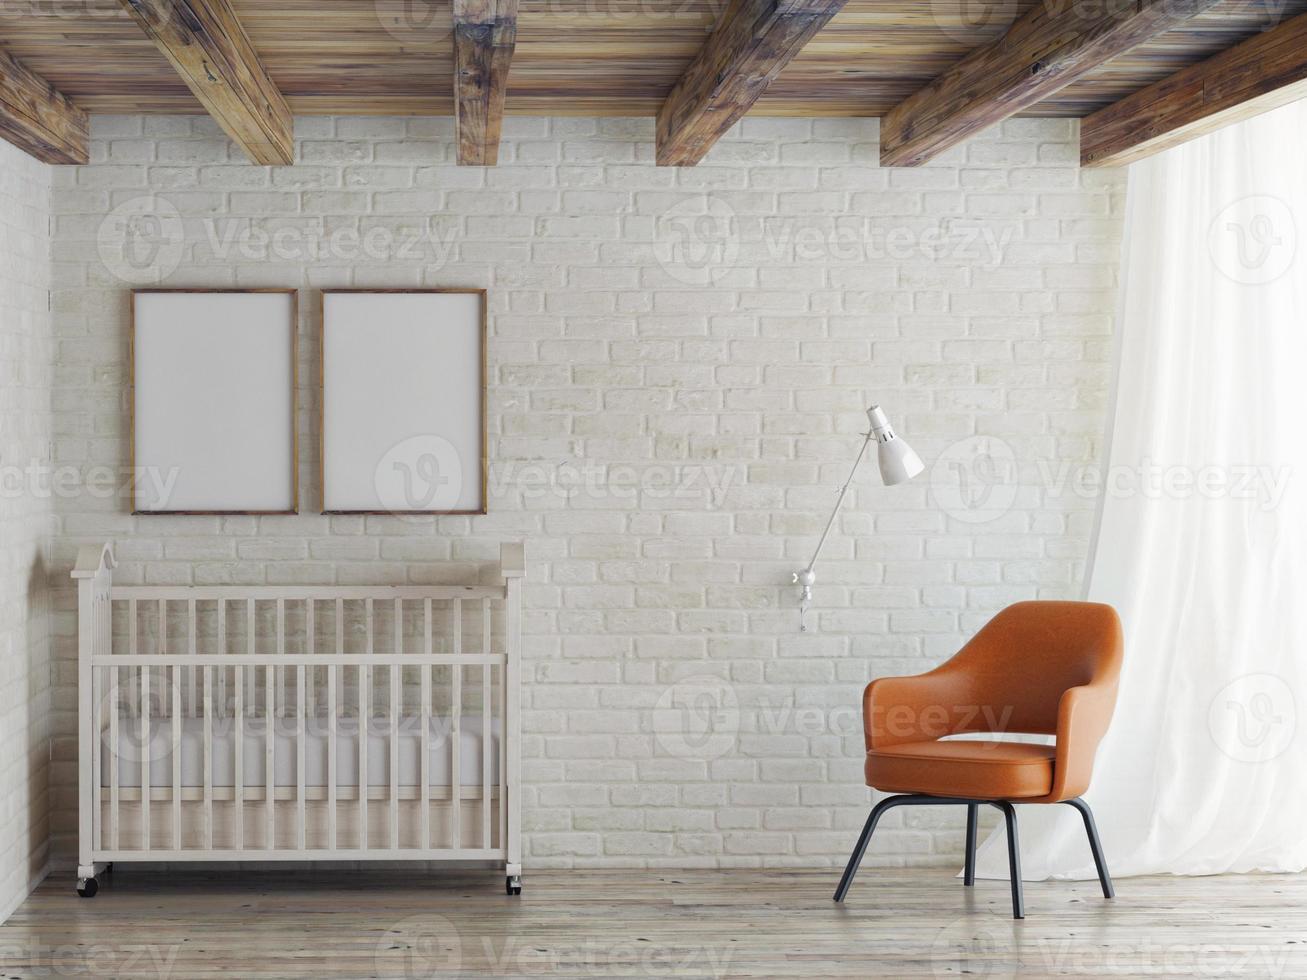 chambre bébé, maquette affiche sur mur de briques, illustration 3d photo